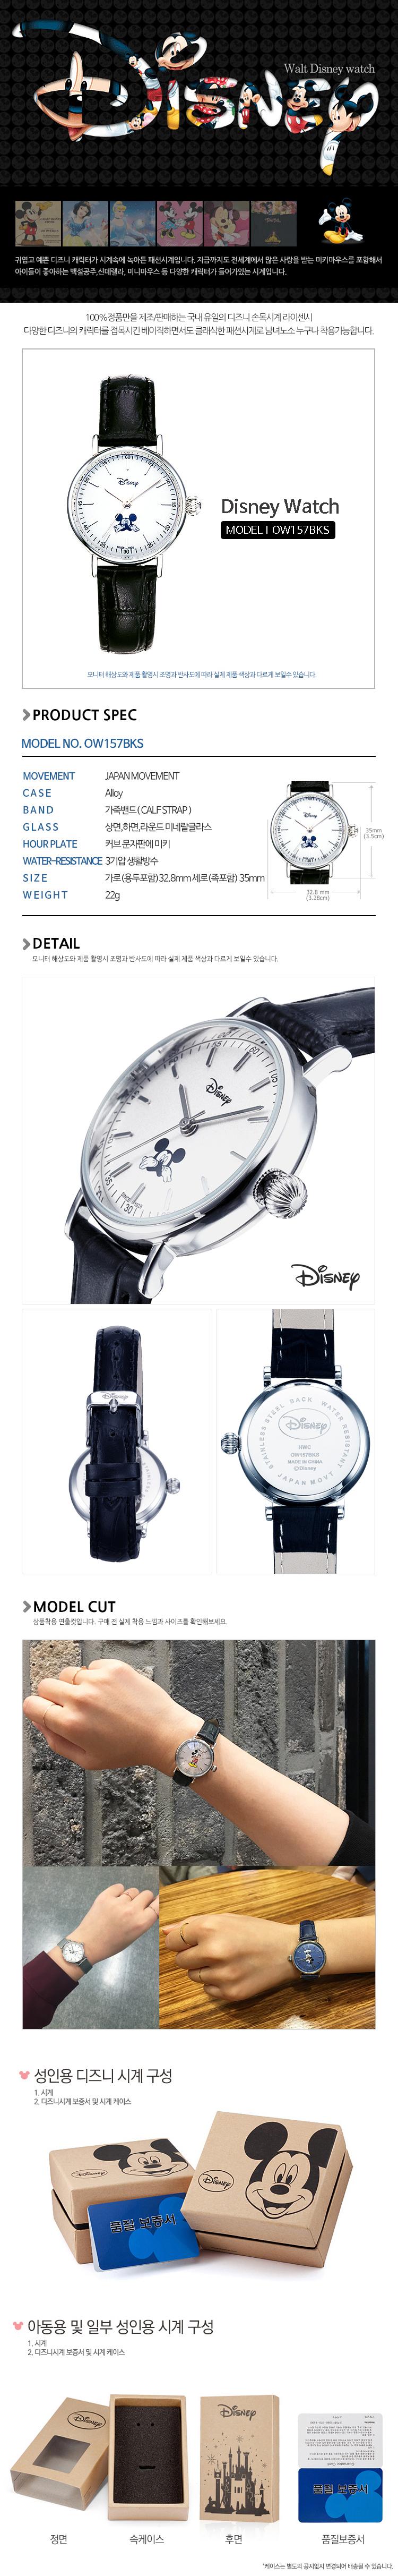 디즈니(Disney) 미키가죽시계 OW-157BKS